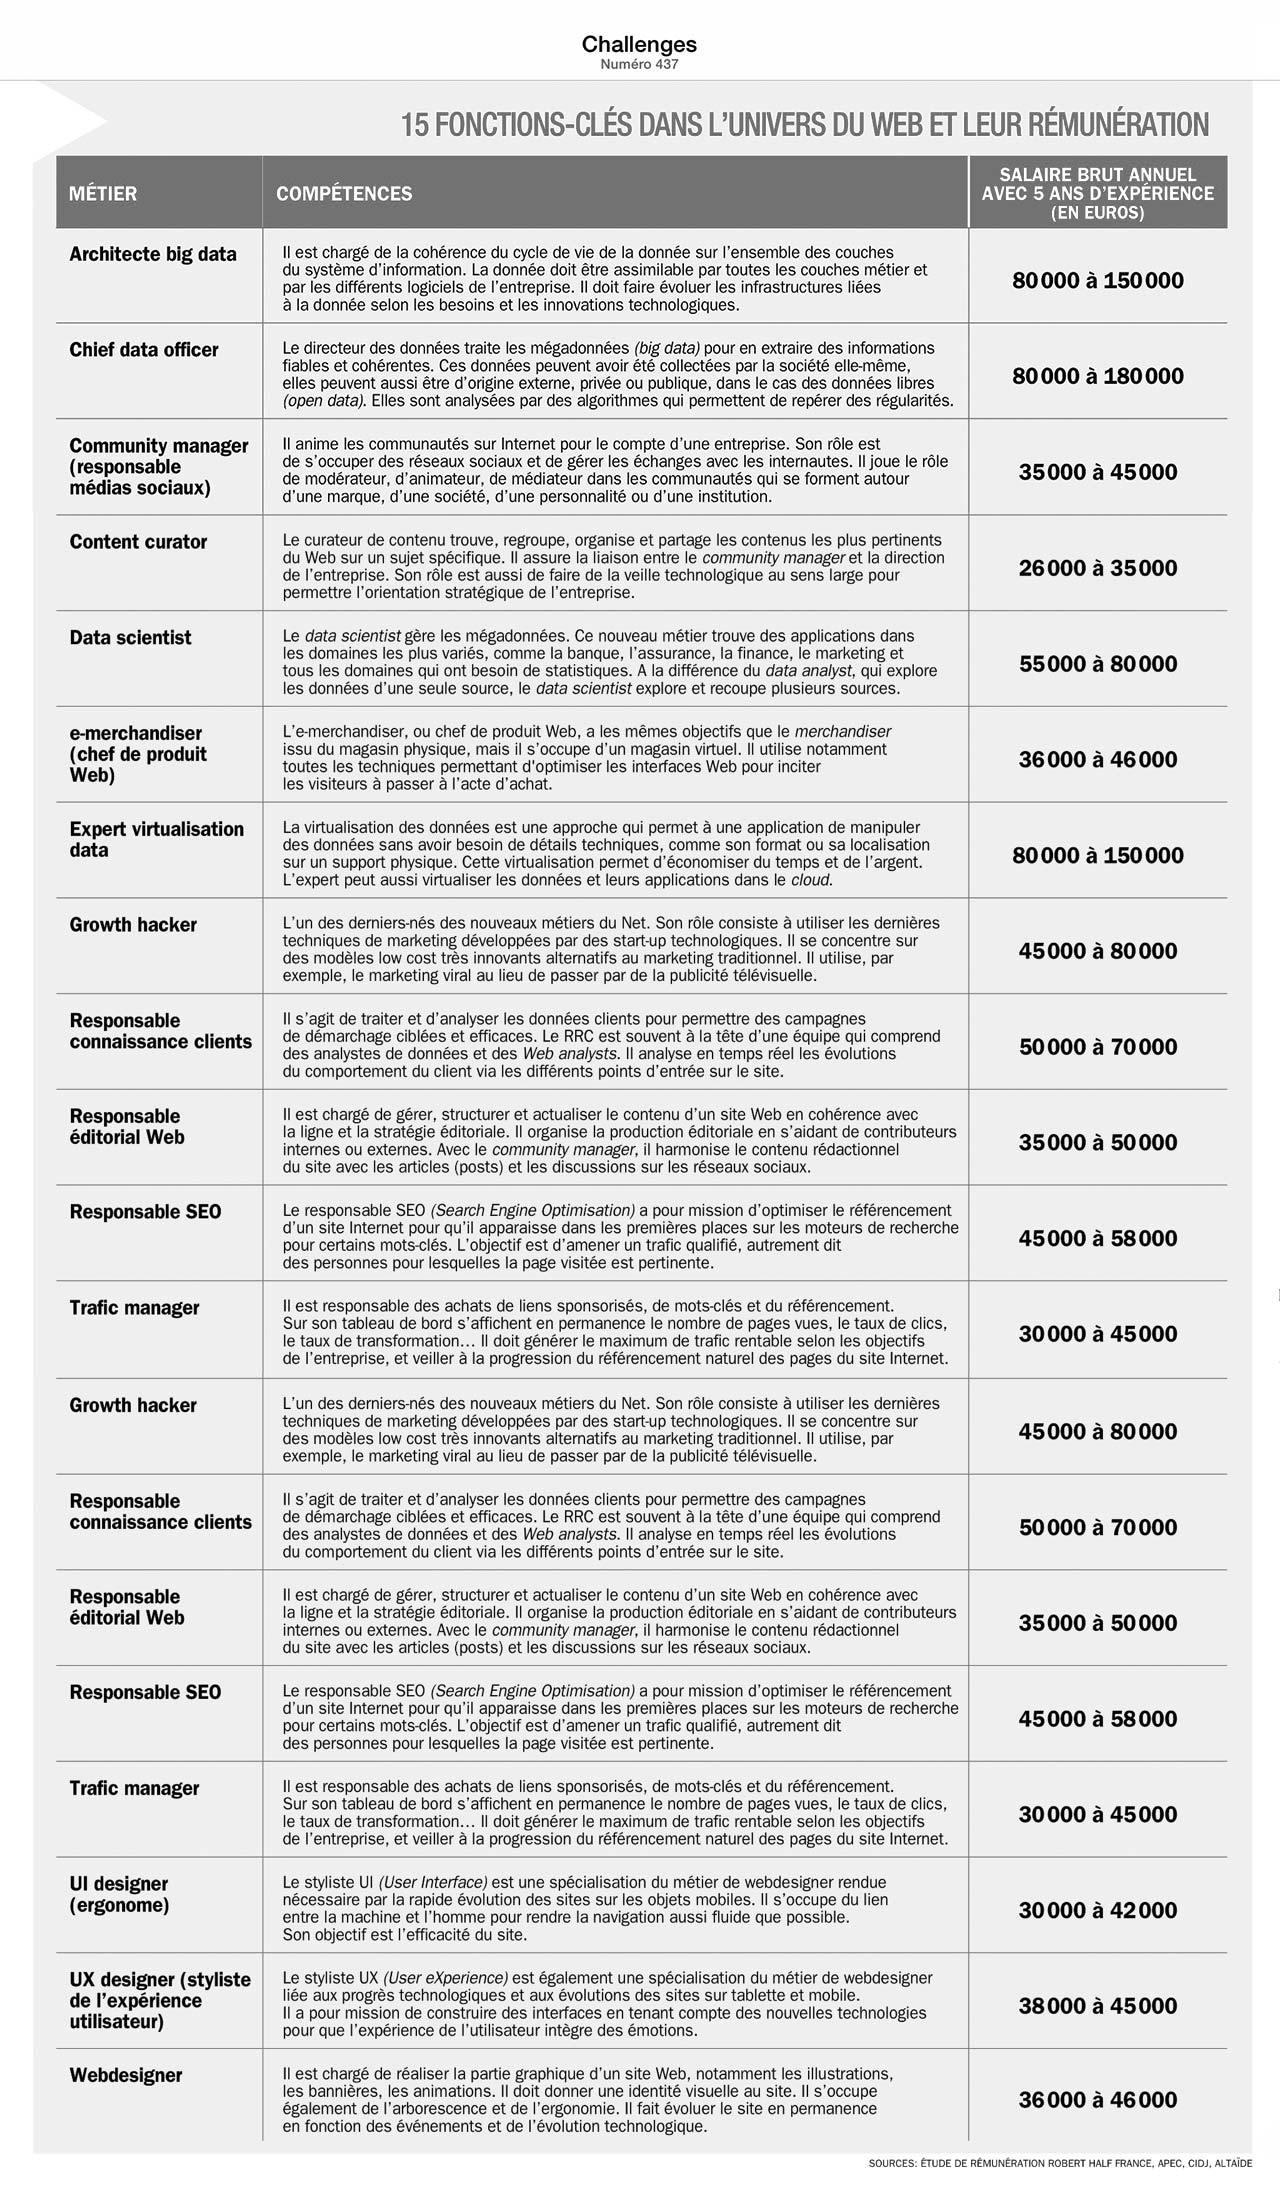 tableau-remunerations-professionnels-web